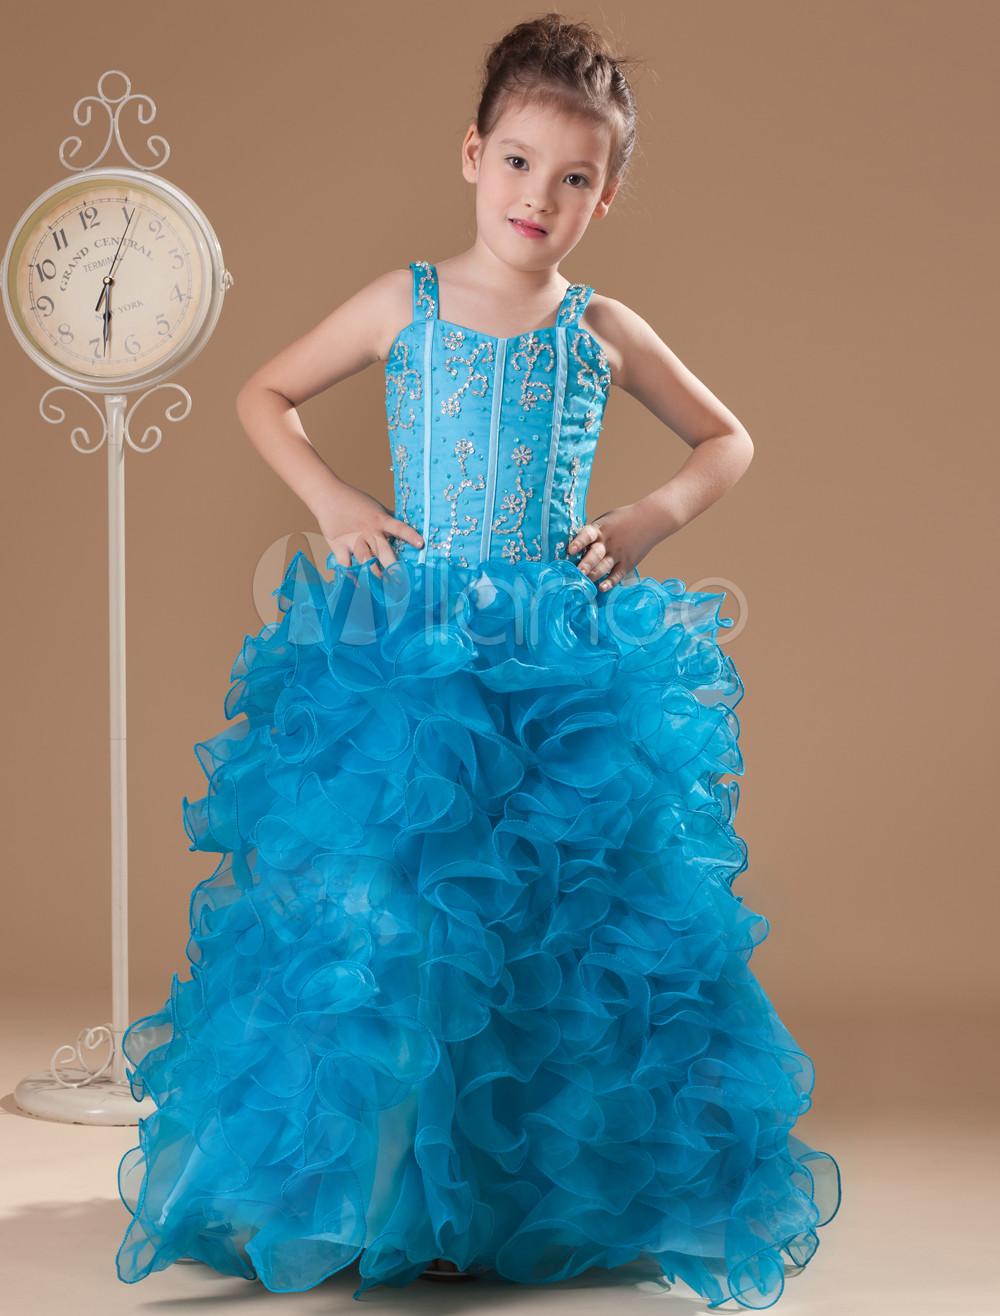 Платье из бумаги на конкурс для девочки